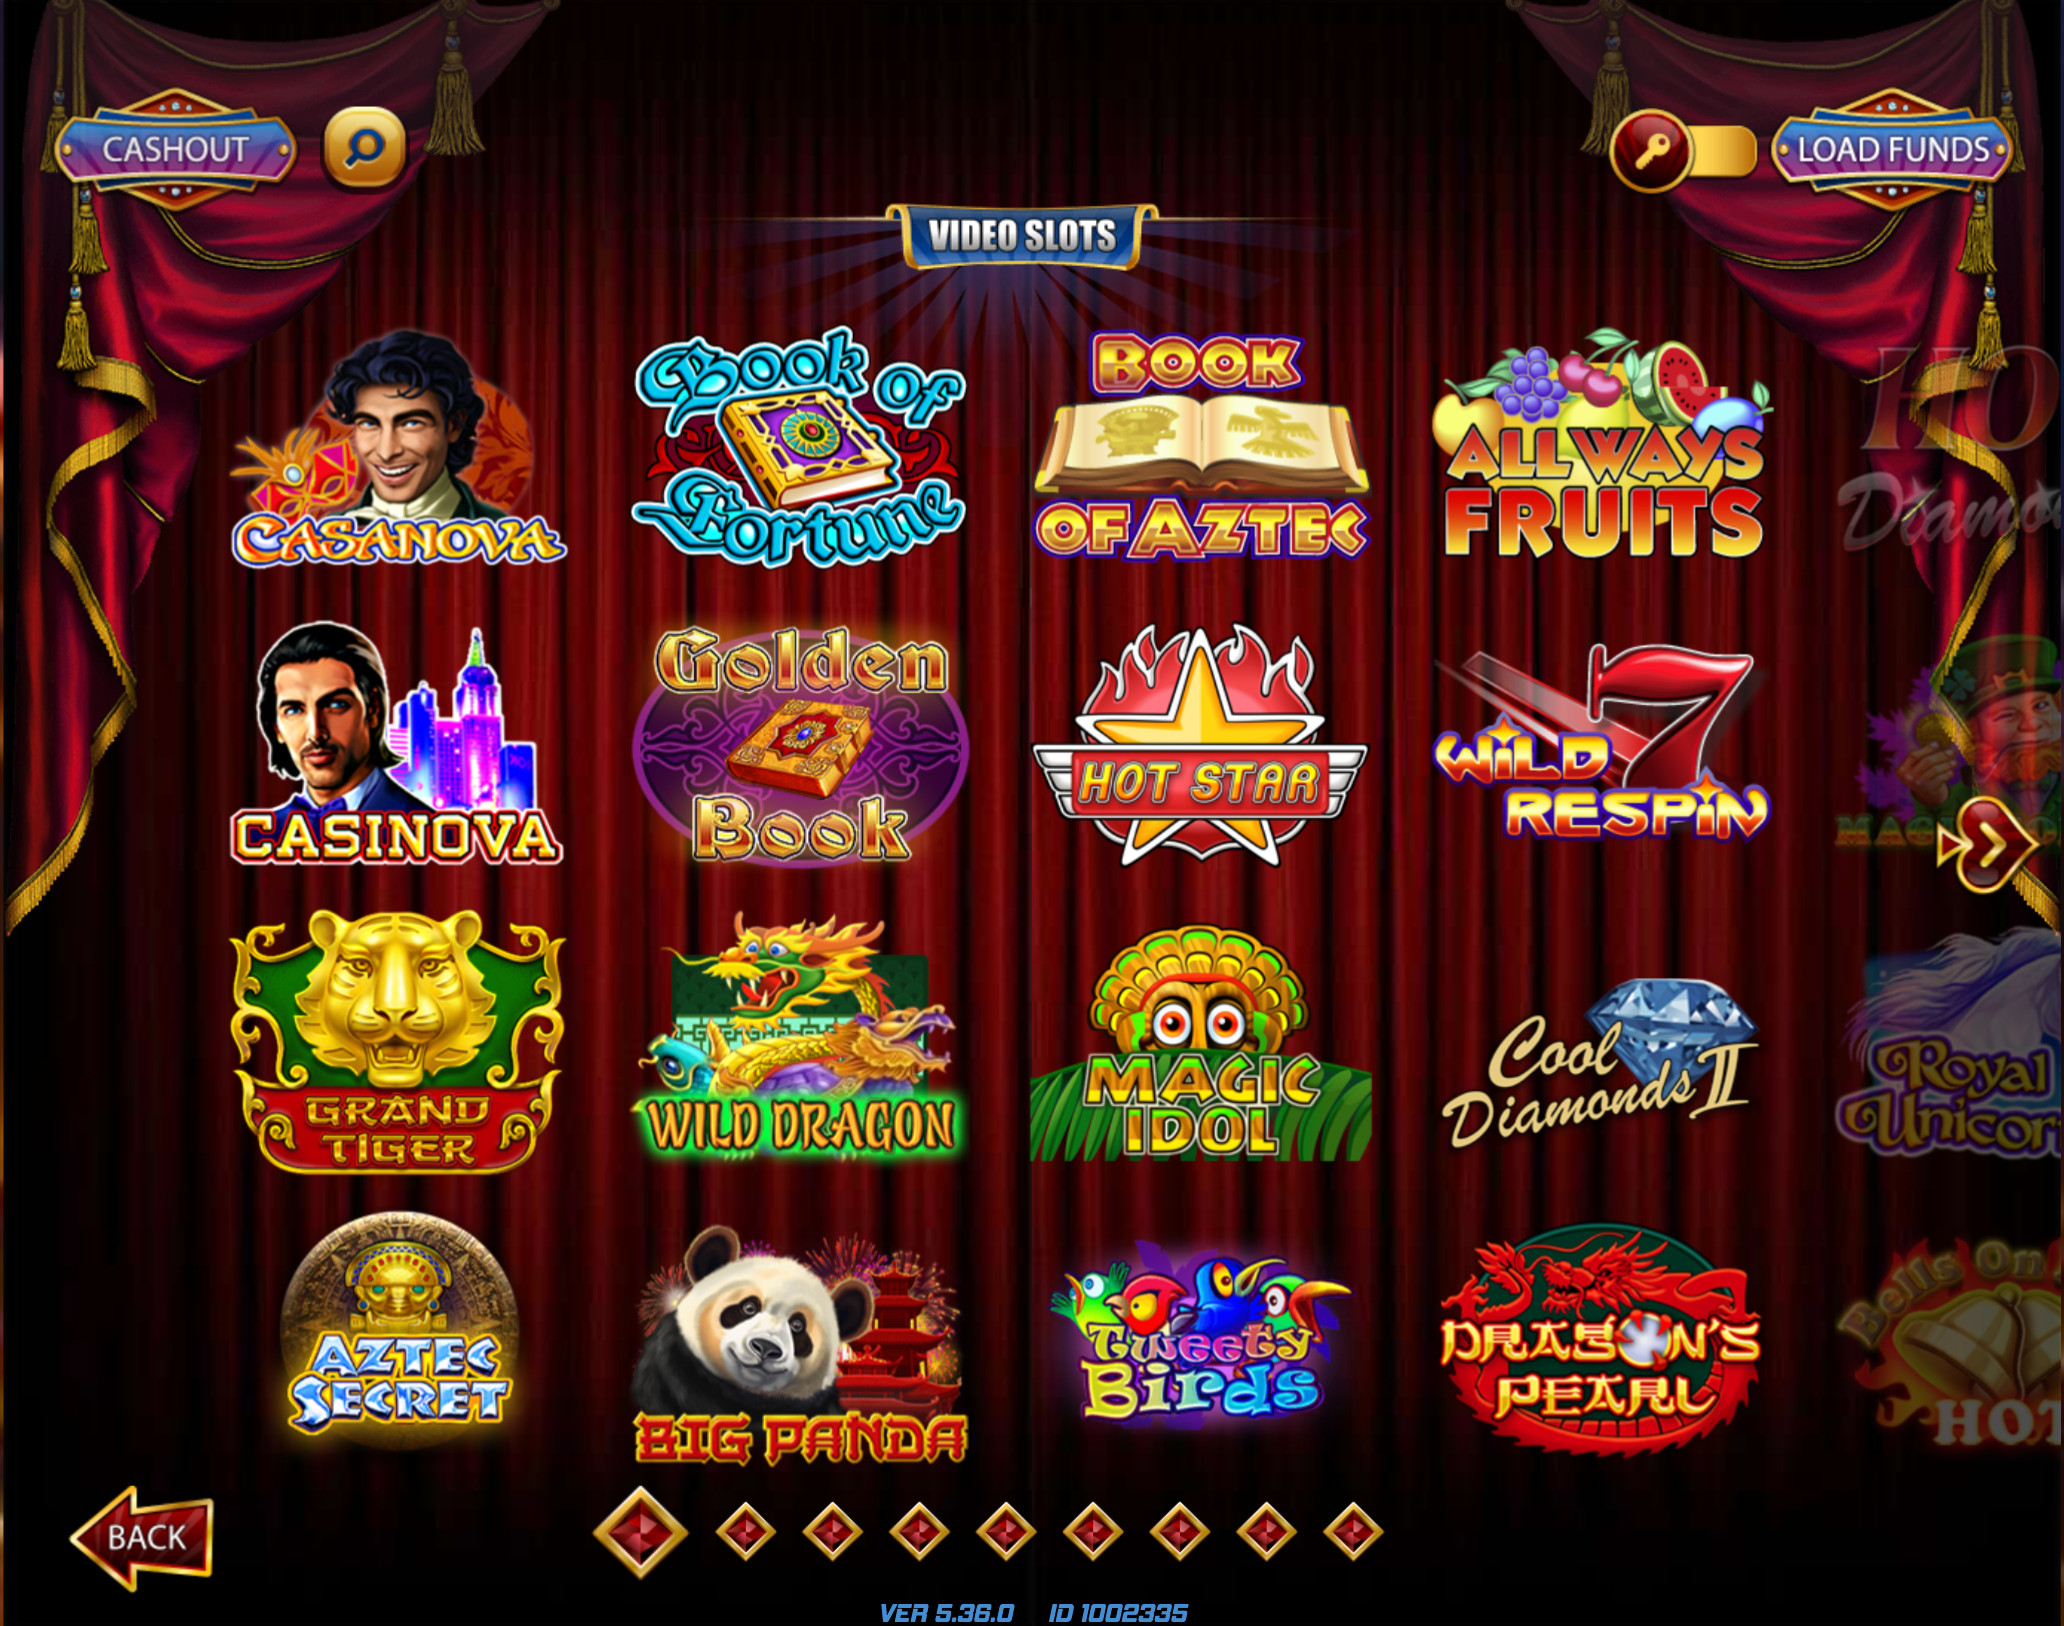 Лобби интернет казино покер на костях смотреть онлайн